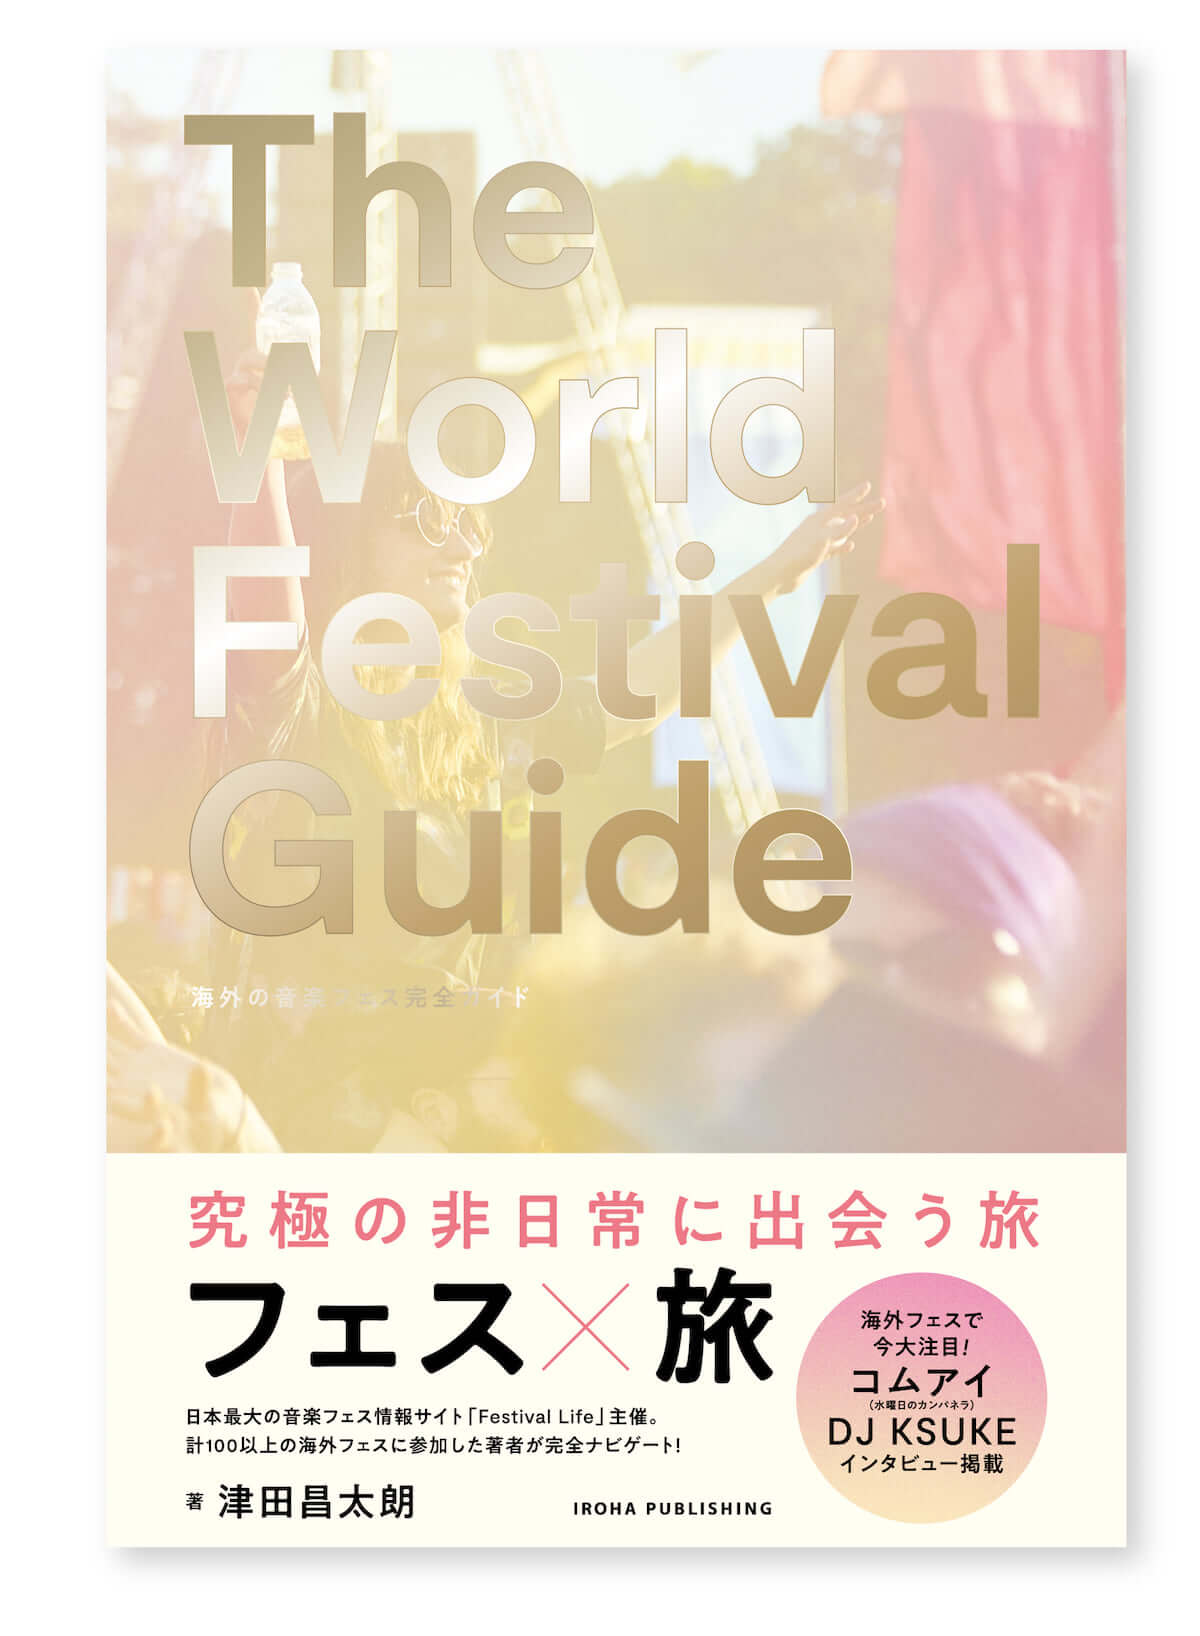 「フェス×旅」をテーマにした海外フェスガイドブック『THE WORLD FESTIVAL GUIDE 世界の海外フェス完全ガイド』発売! life190424_theworldfestivalguide1-1200x1636